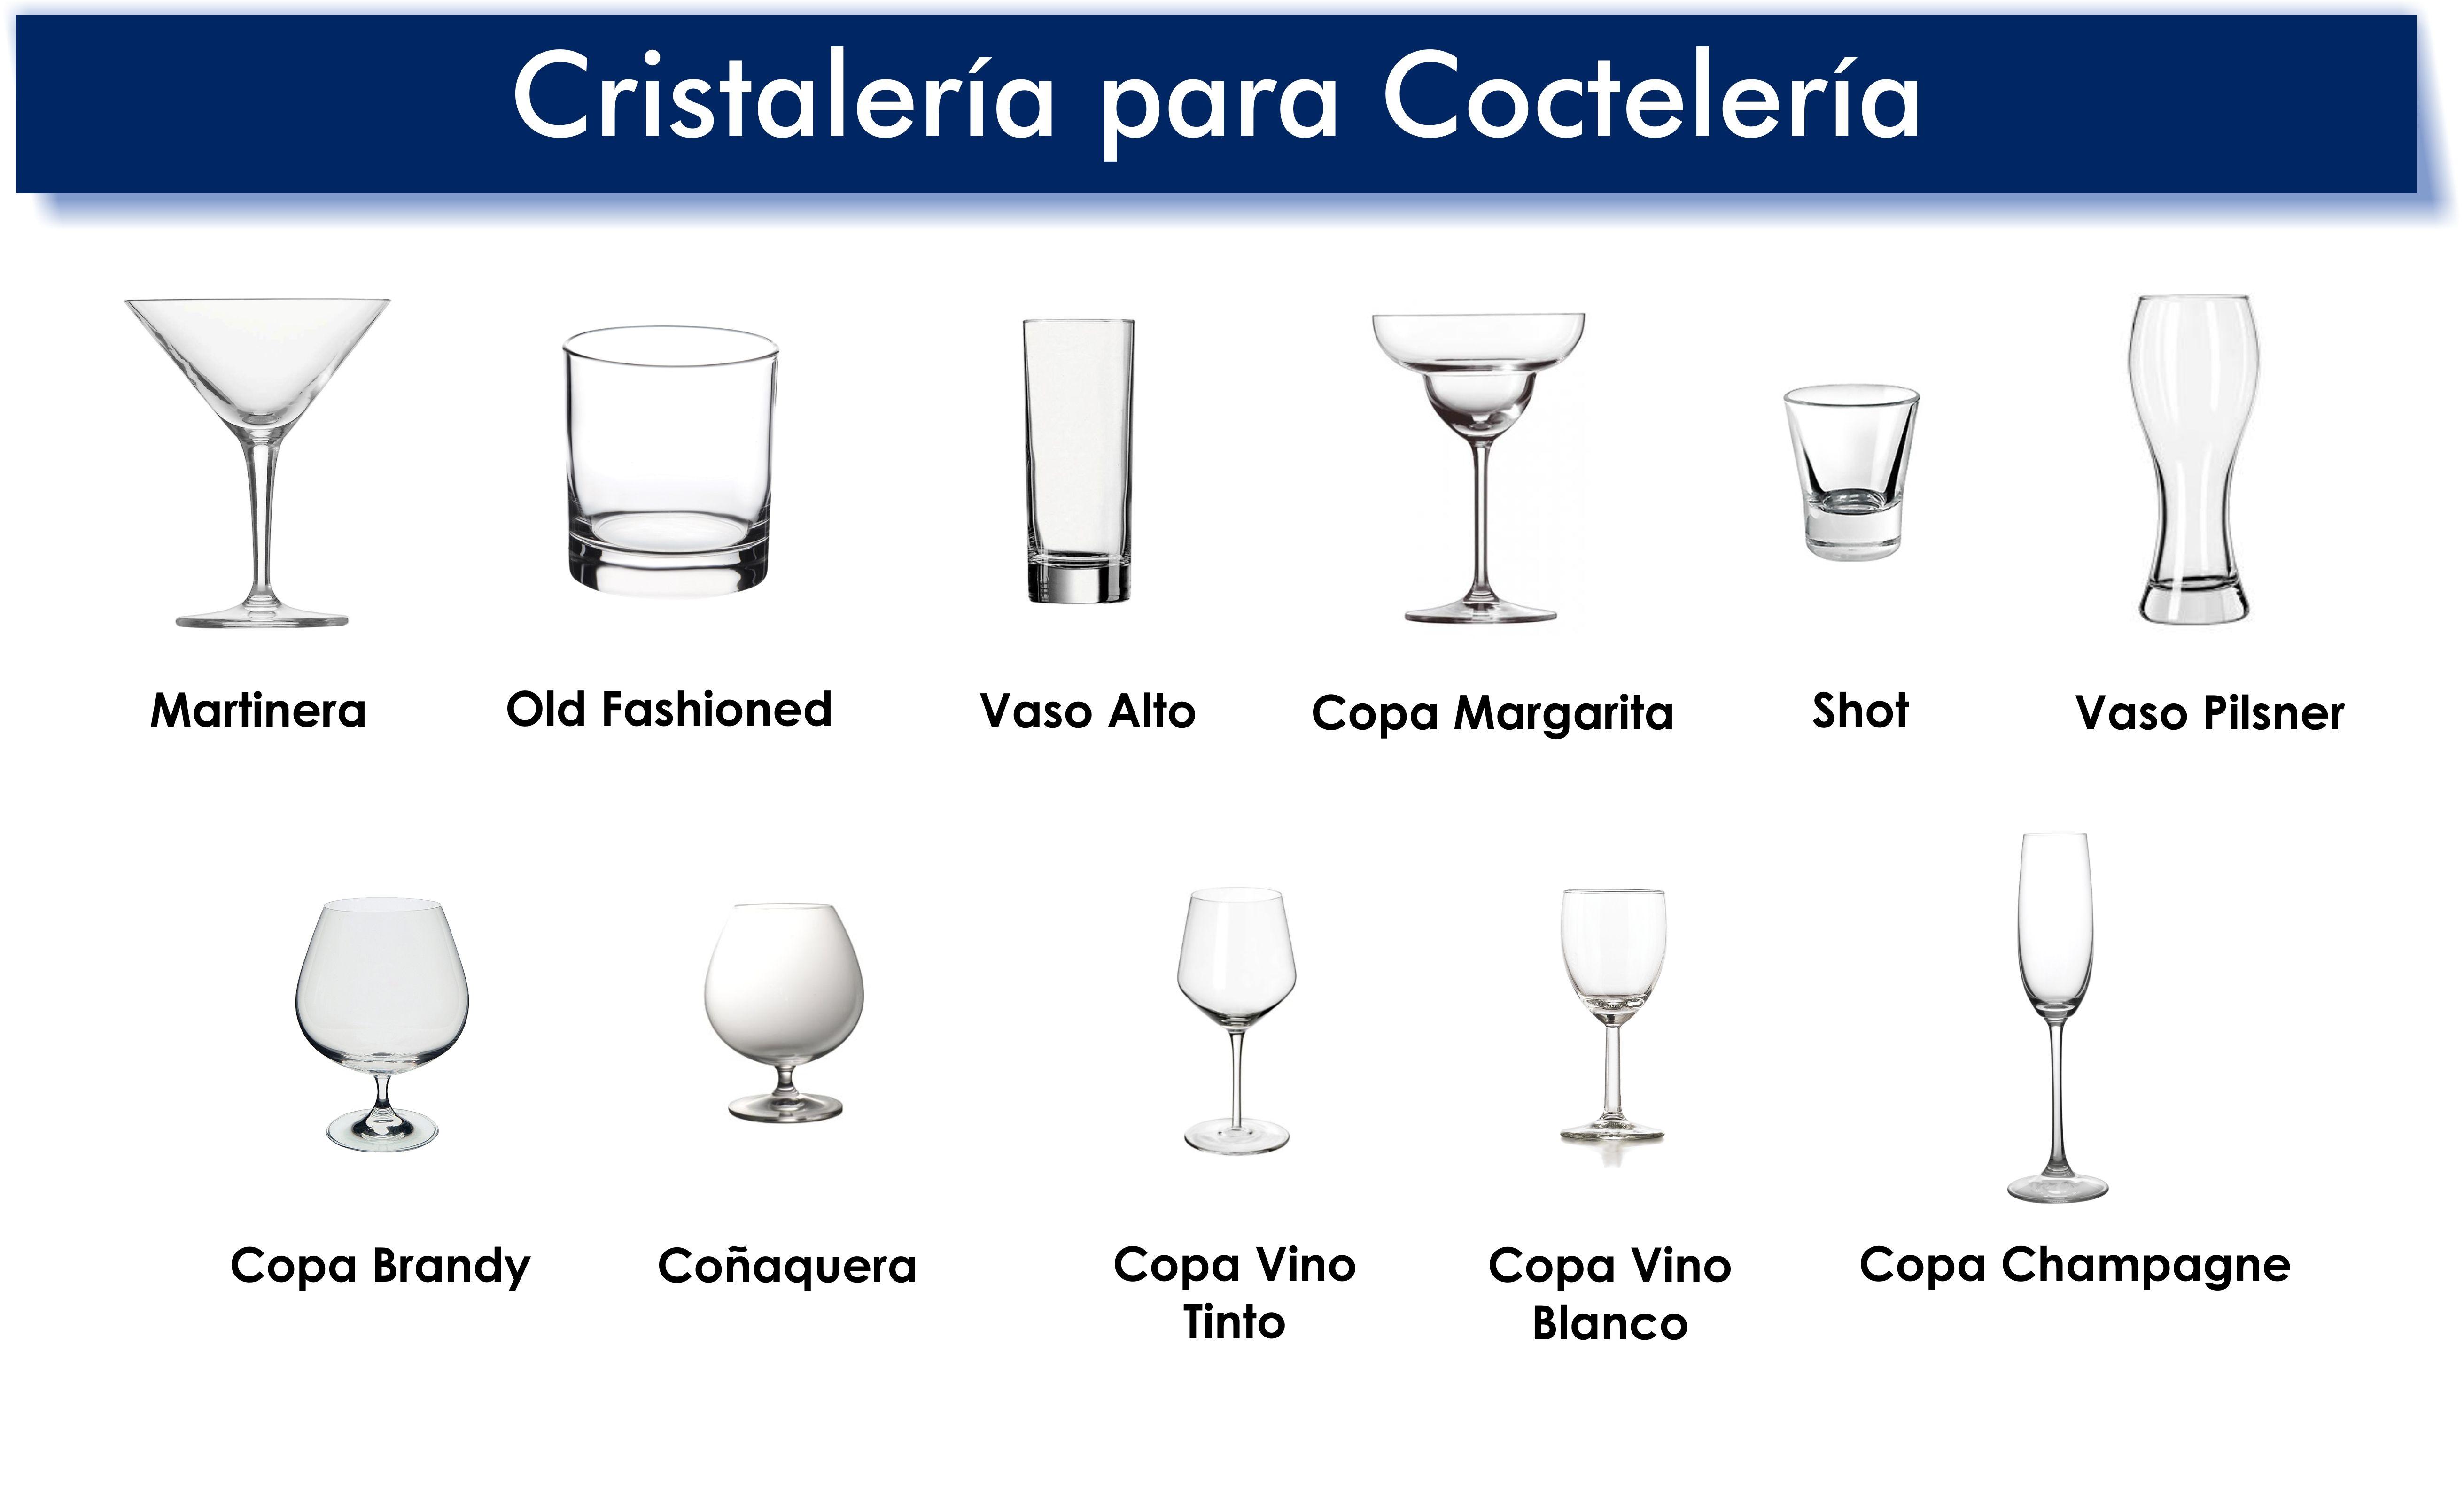 cristaleria para cocteleria